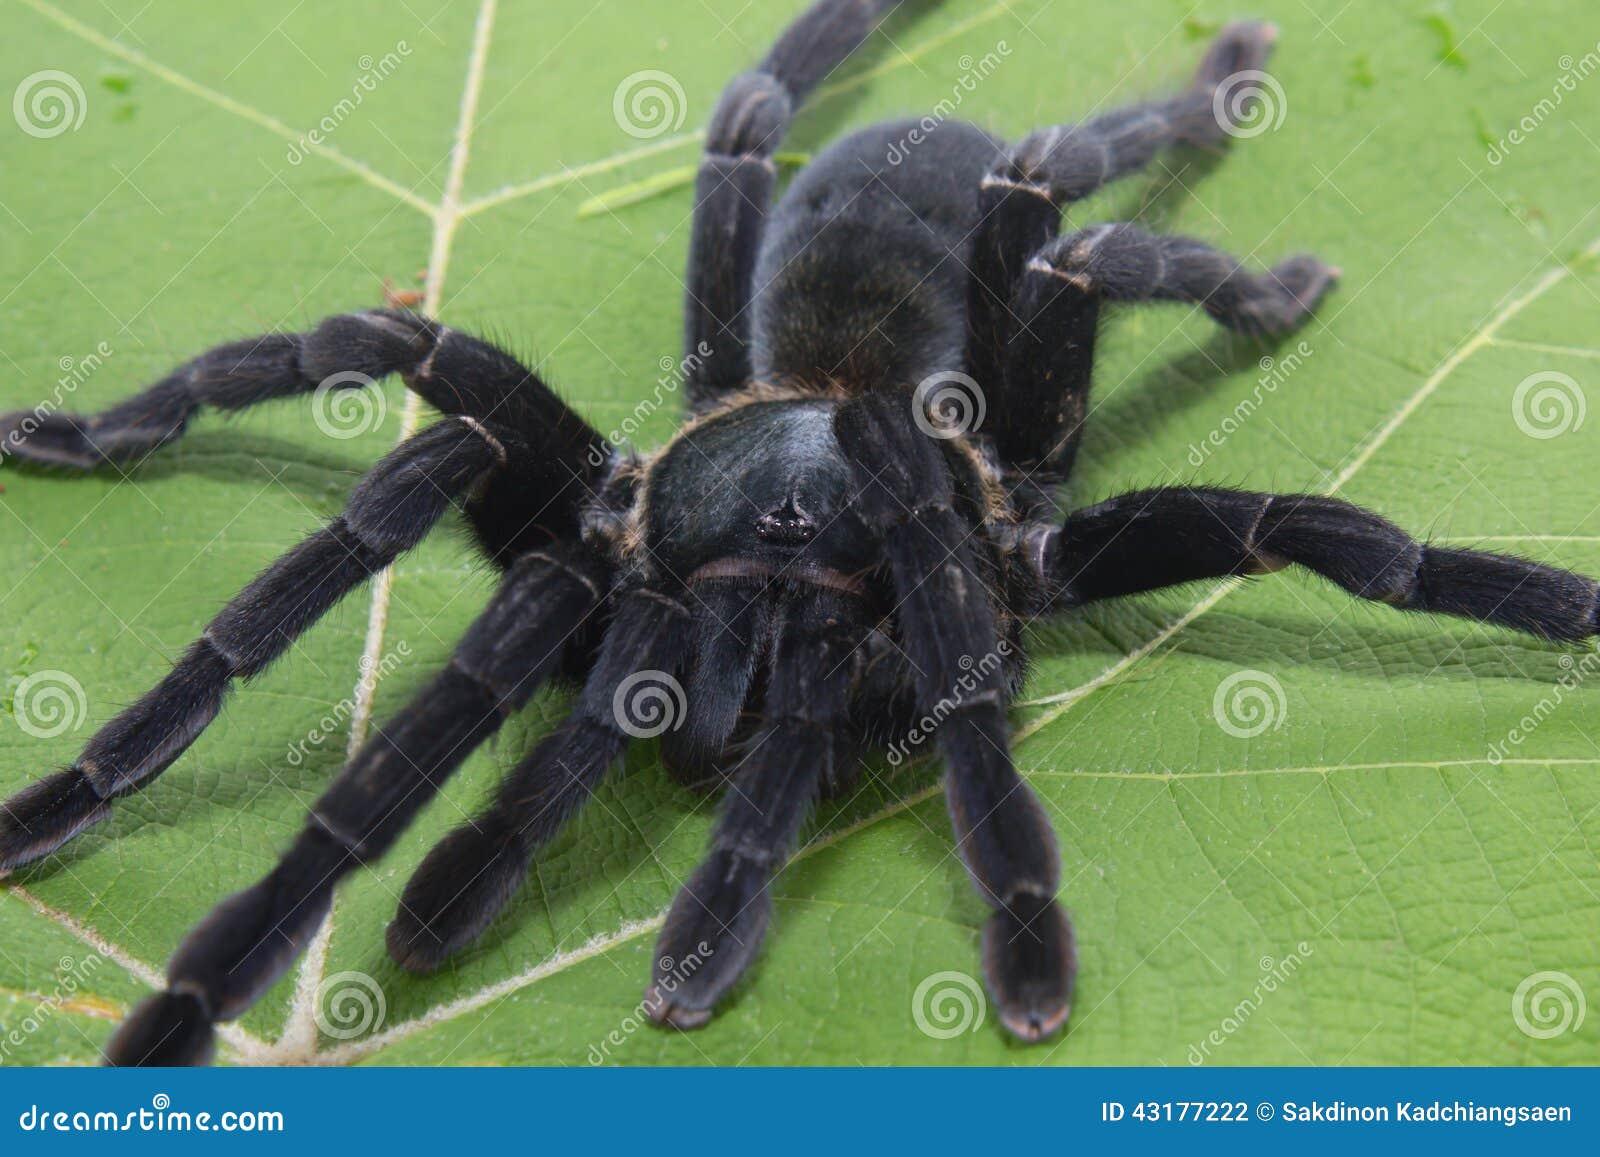 Η γιγαντιαία μαύρη αράχνη απομονώνει σε πράσινο